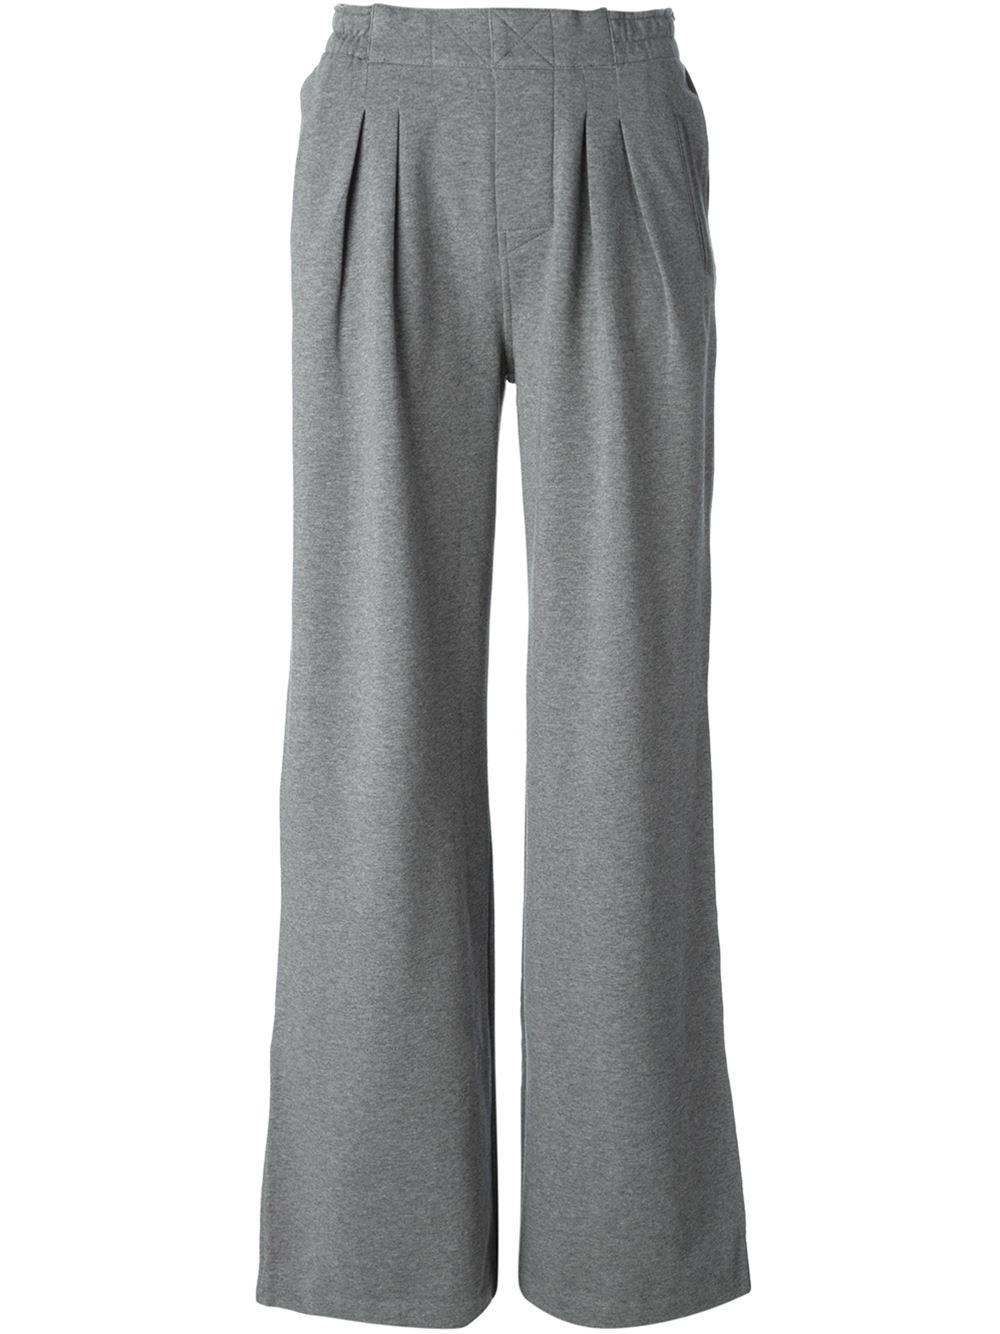 wide leg track pants: